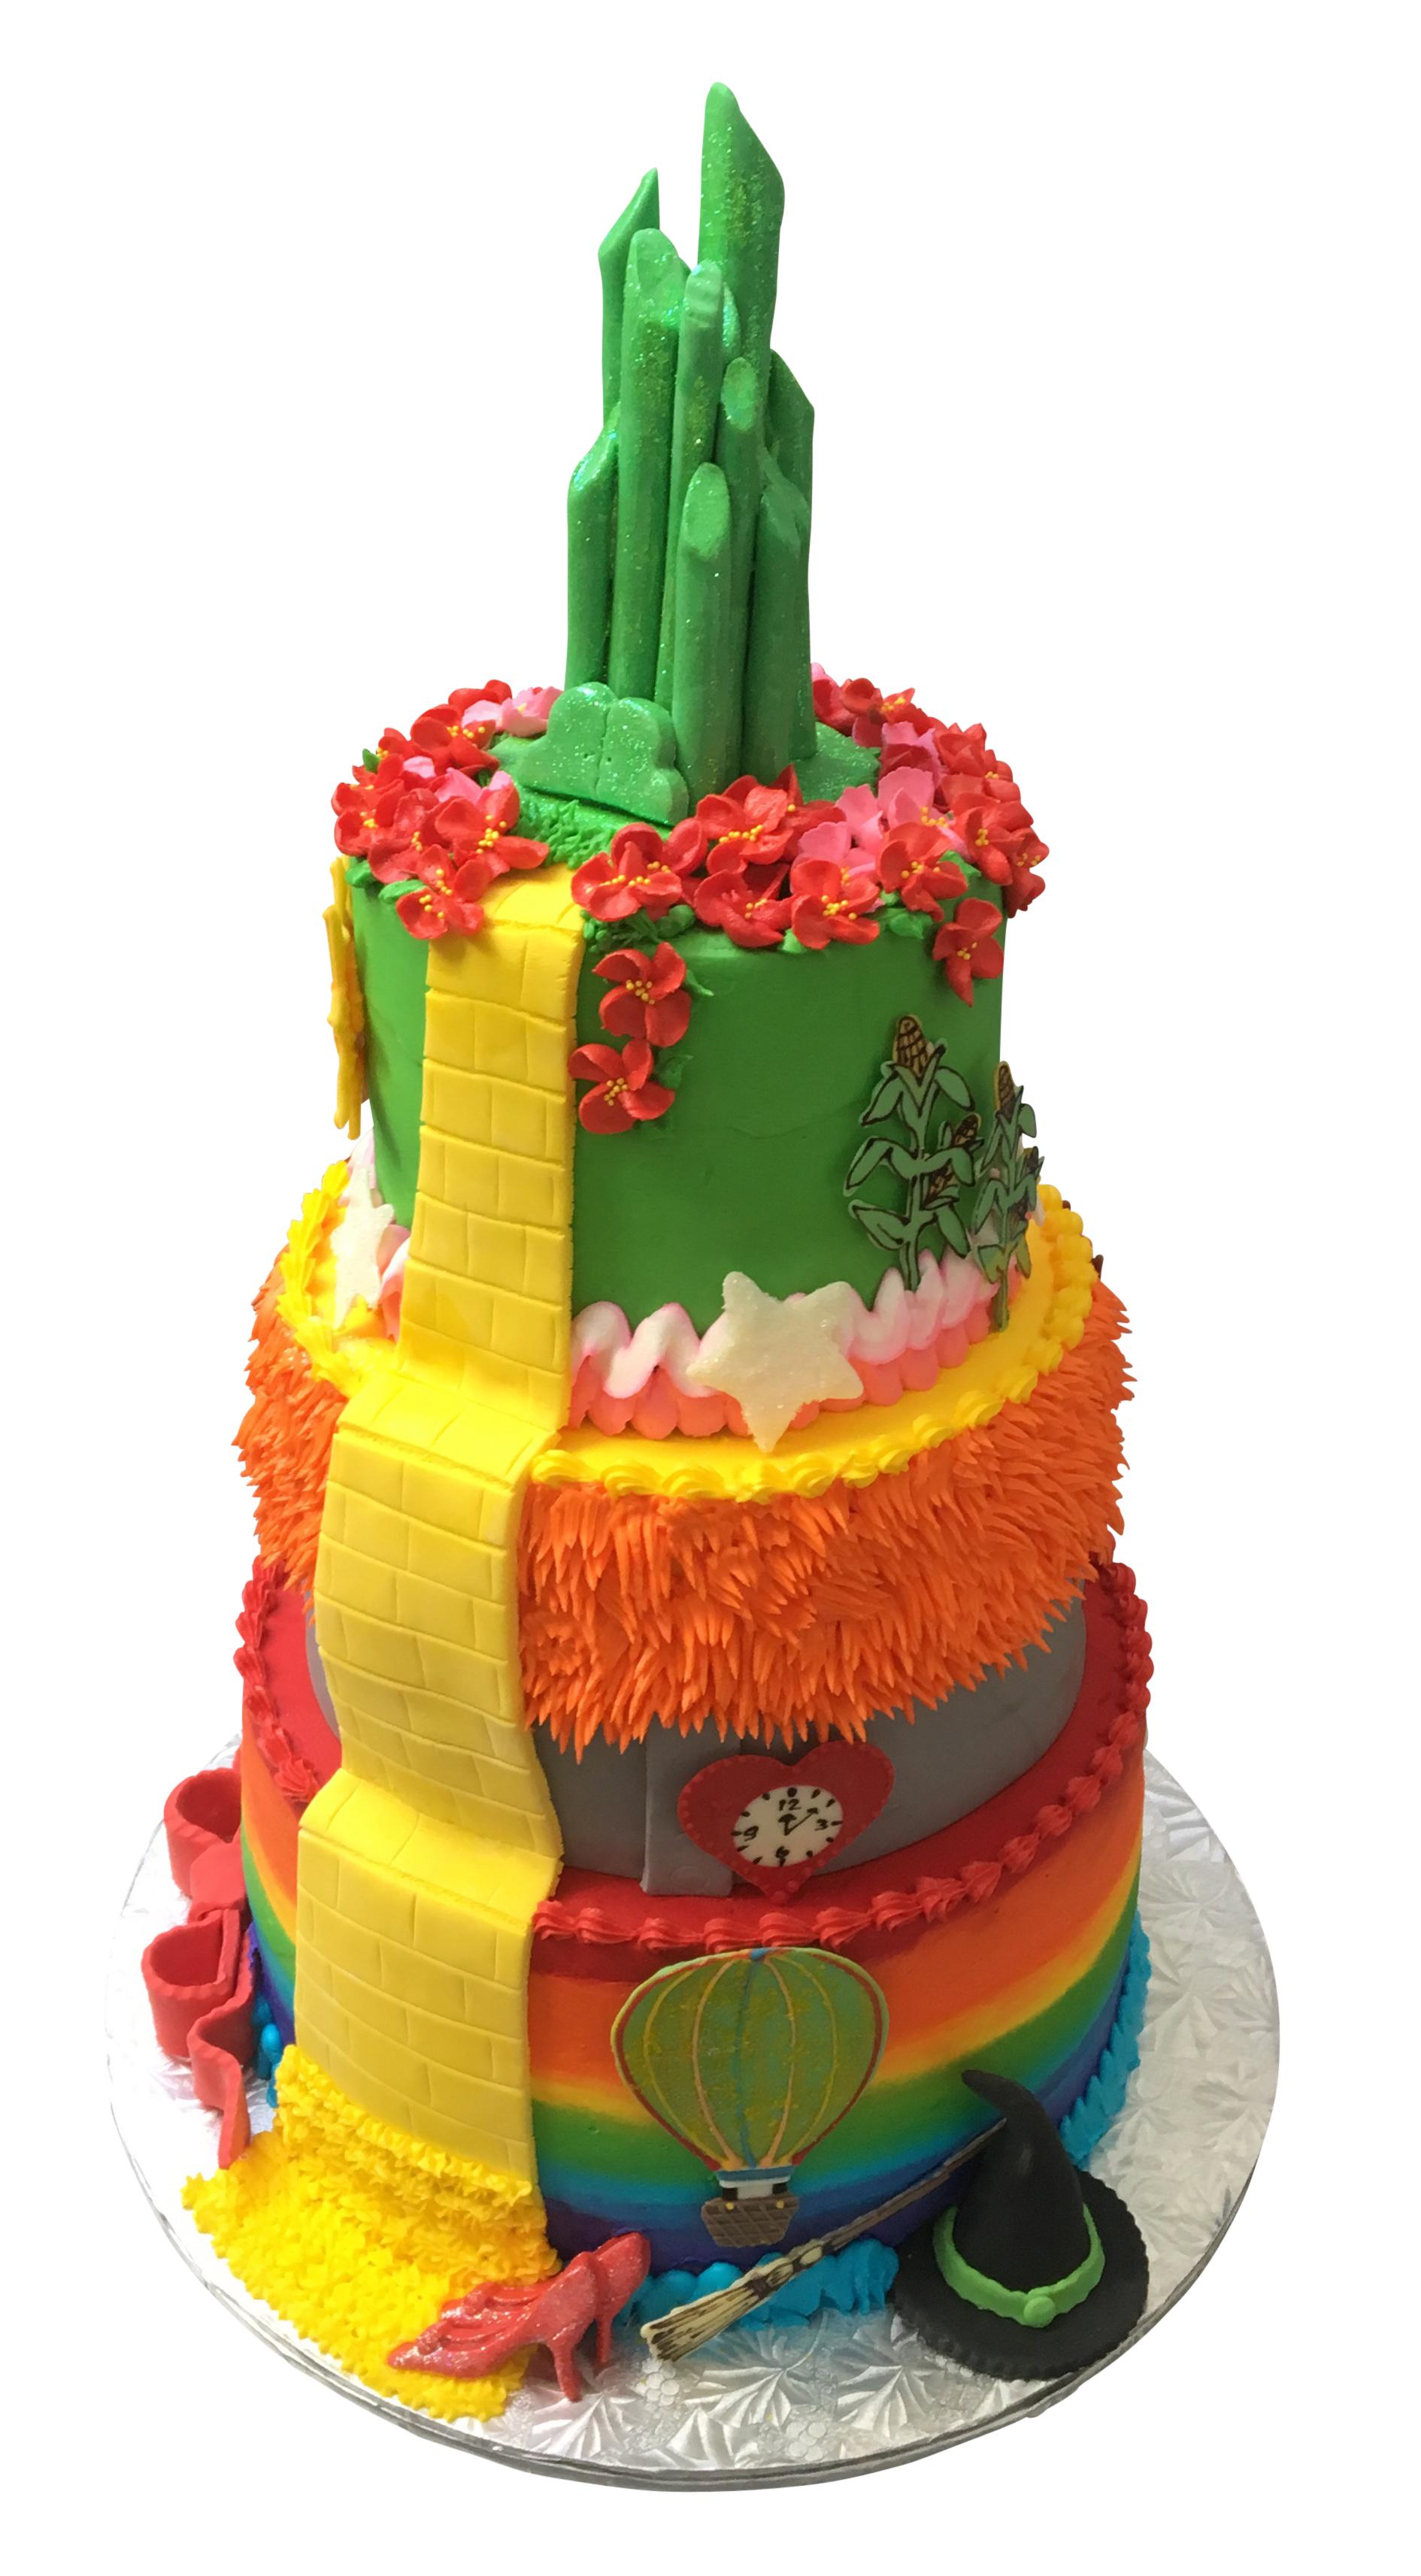 BeBe-Cakes-Wizard-of-Oz-Cake.jpg